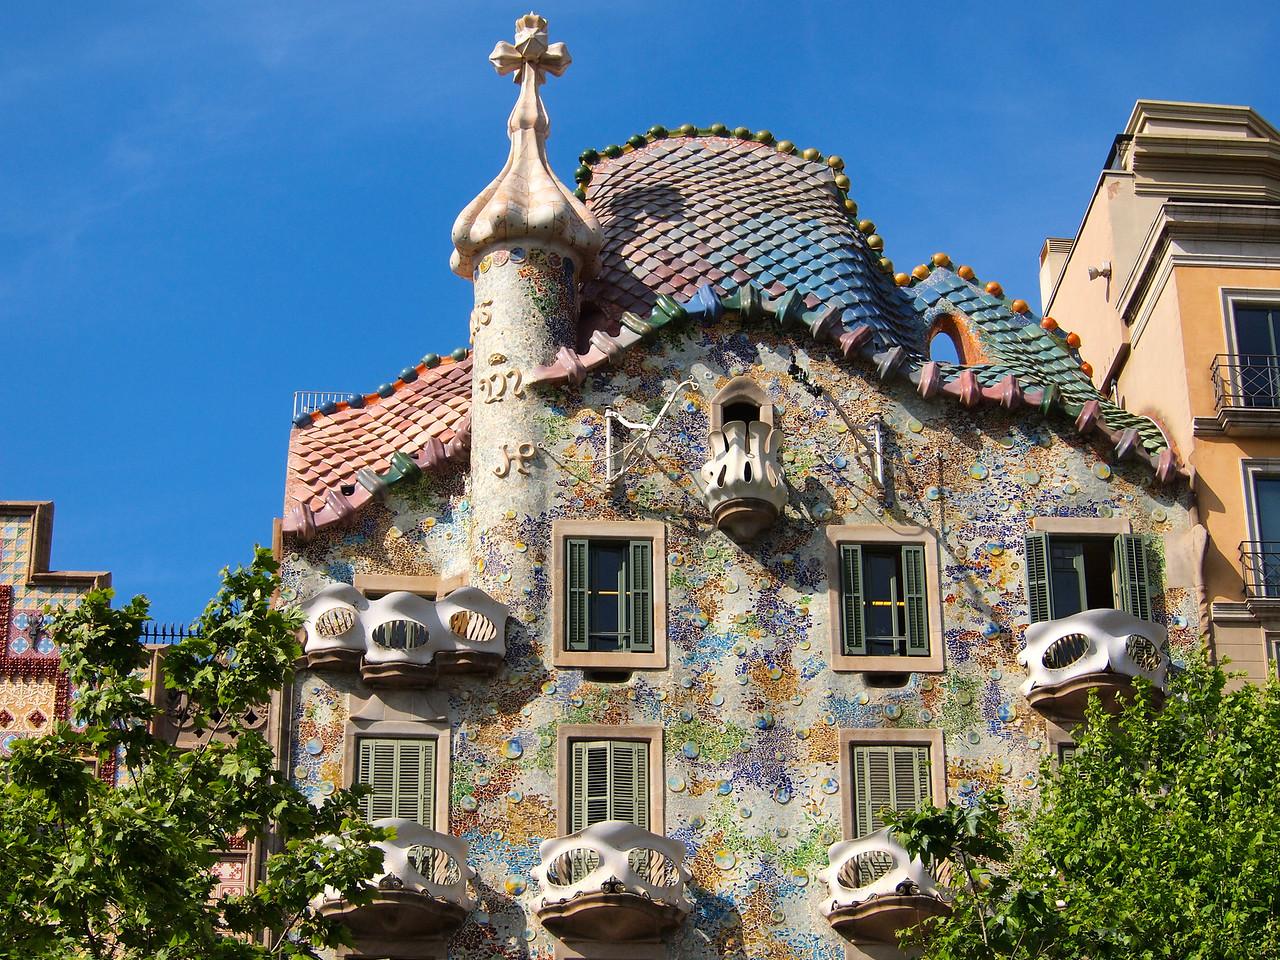 Antoni Gaudi buidling in Barcelona